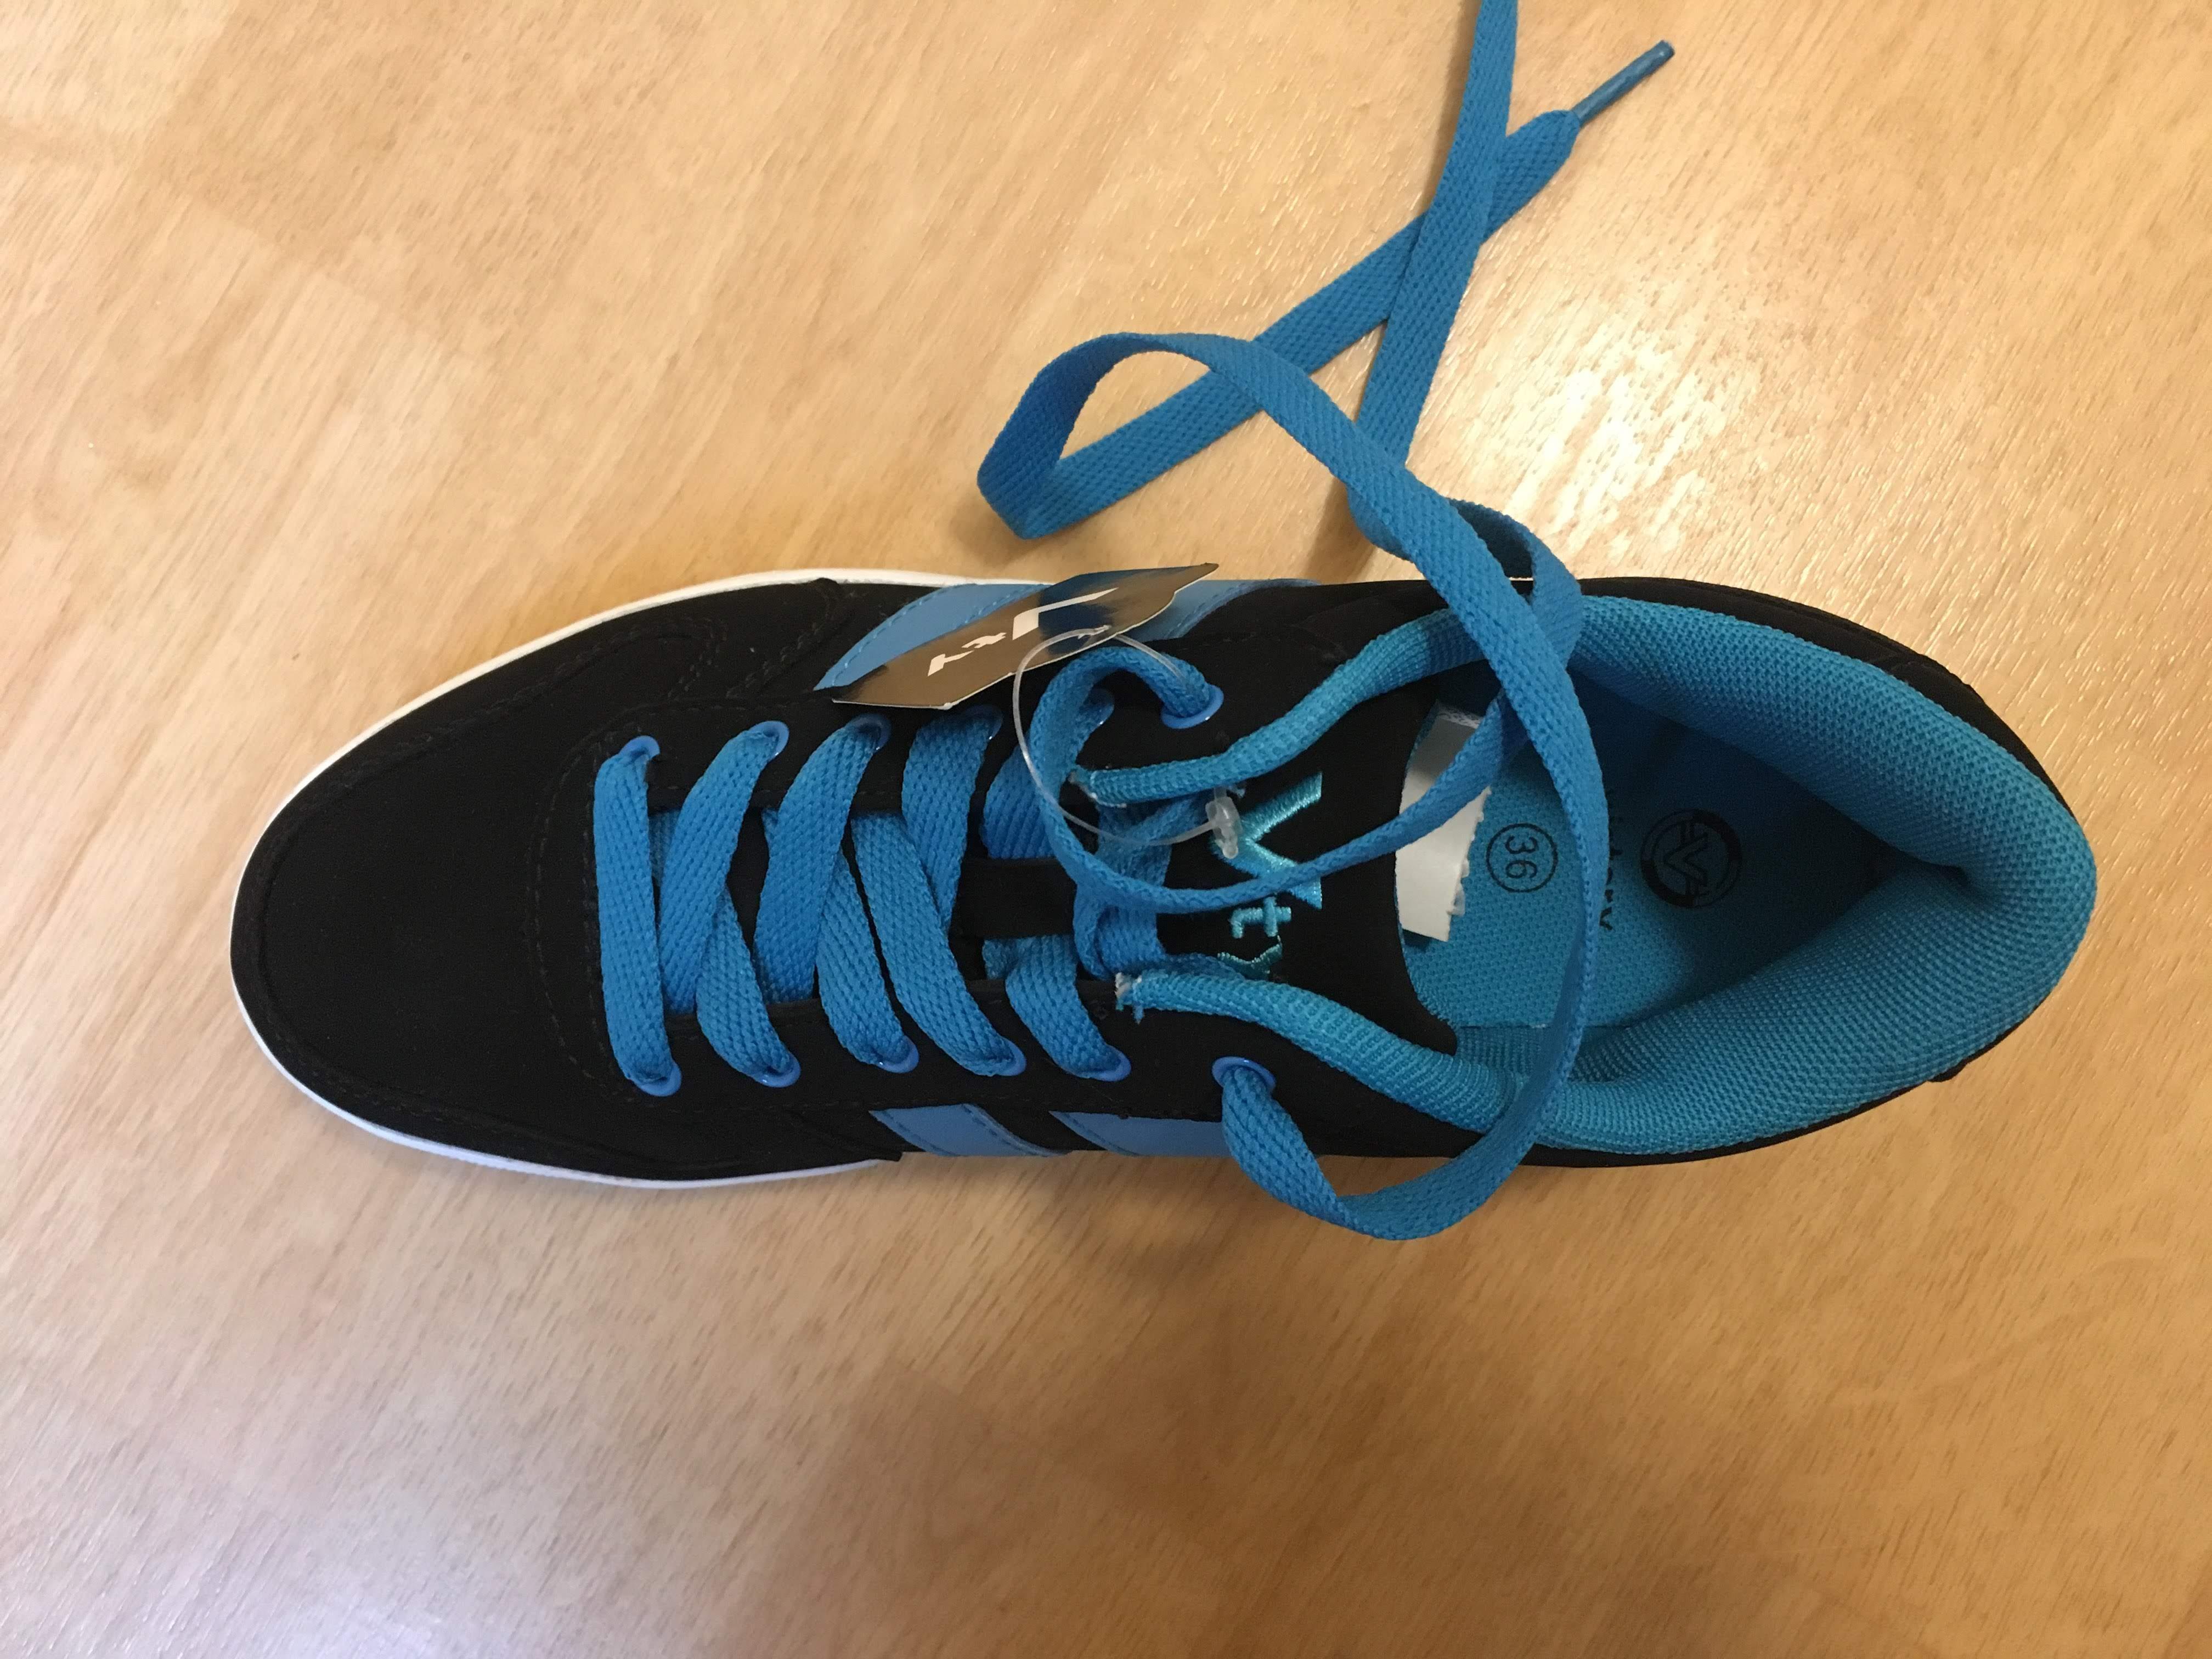 Bild Nummer 3 von Skaterschuhe, links 37, rechts 36, schwarz mit blau